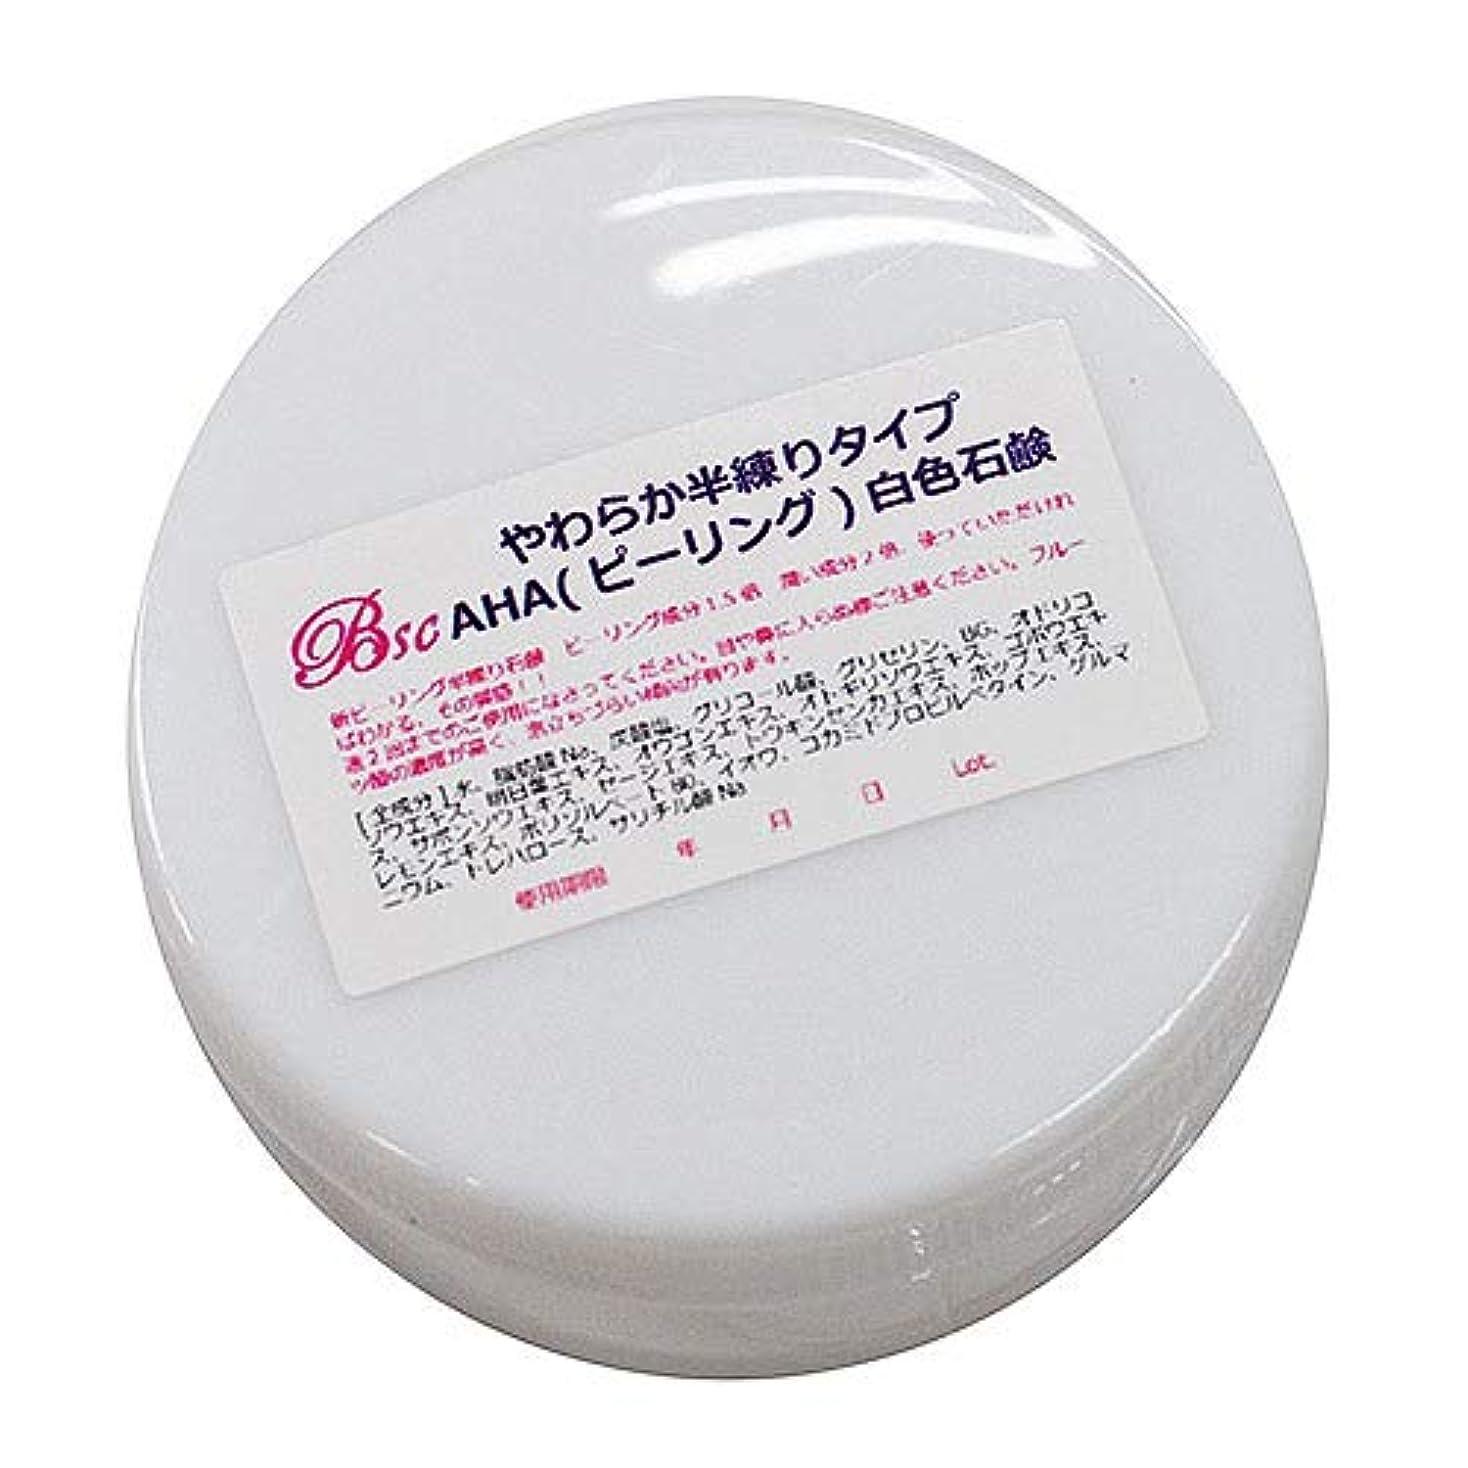 茎モディッシュ刃やわらかい半練りタイプAHA(ピーリング)石鹸?100g